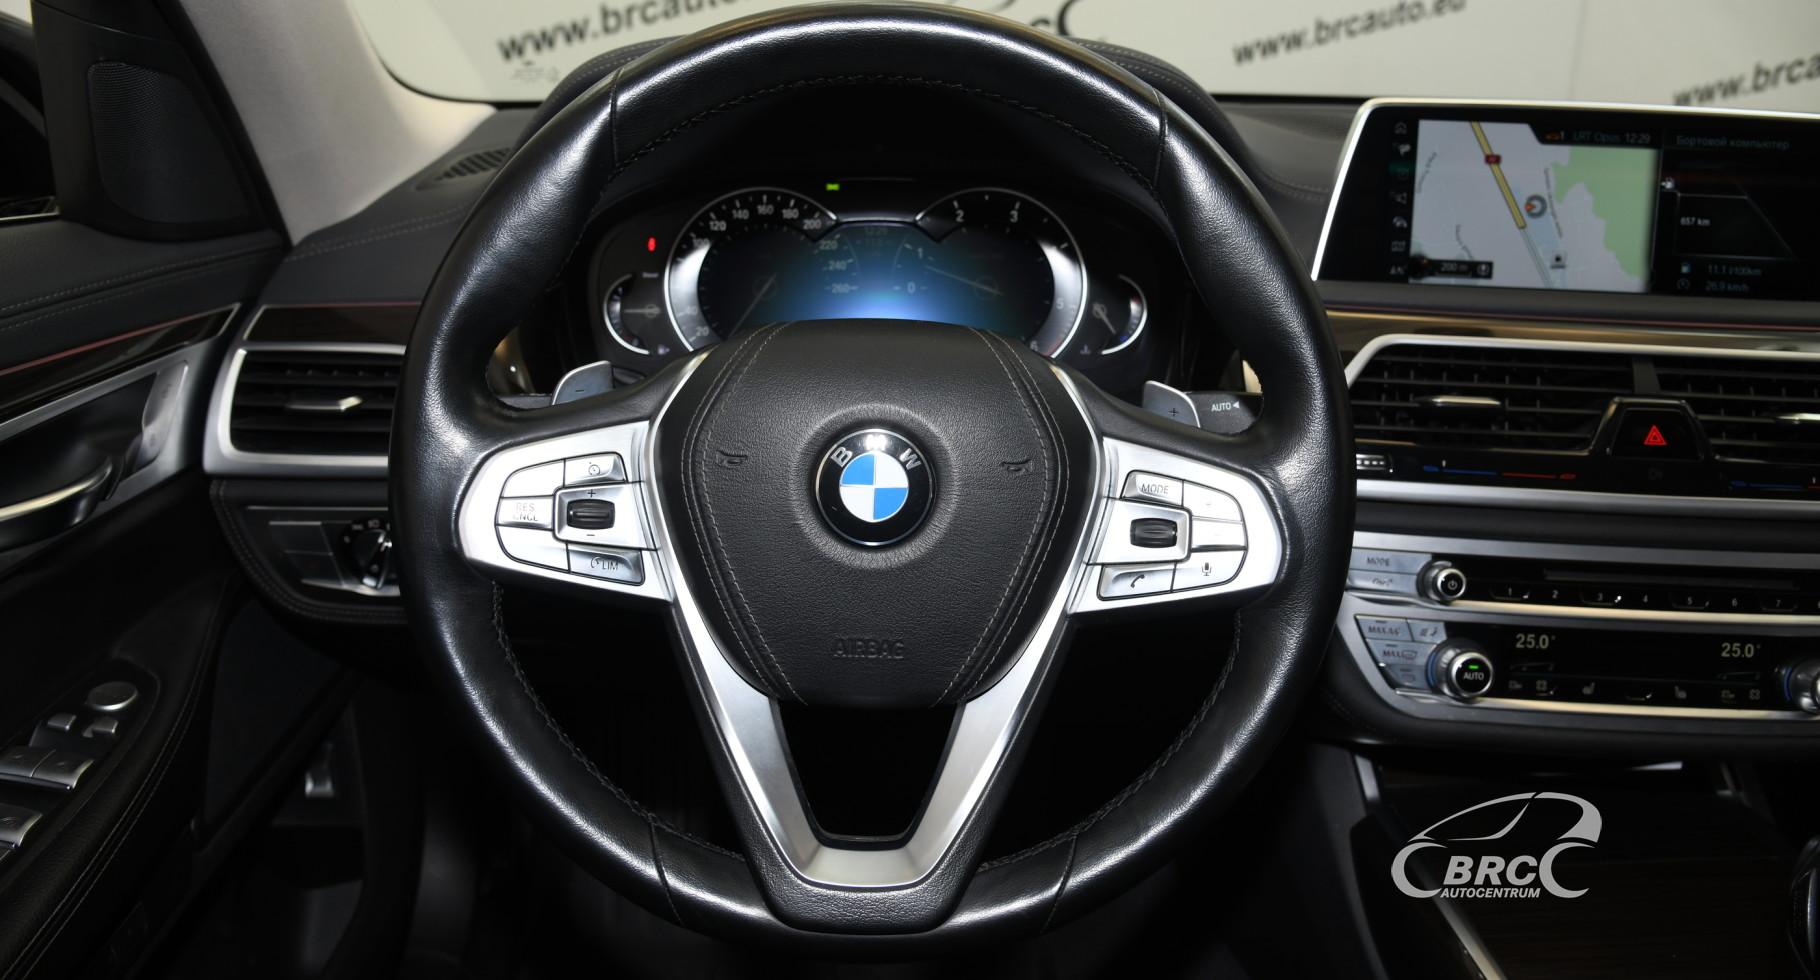 BMW 730 Ld xDrive Automatas